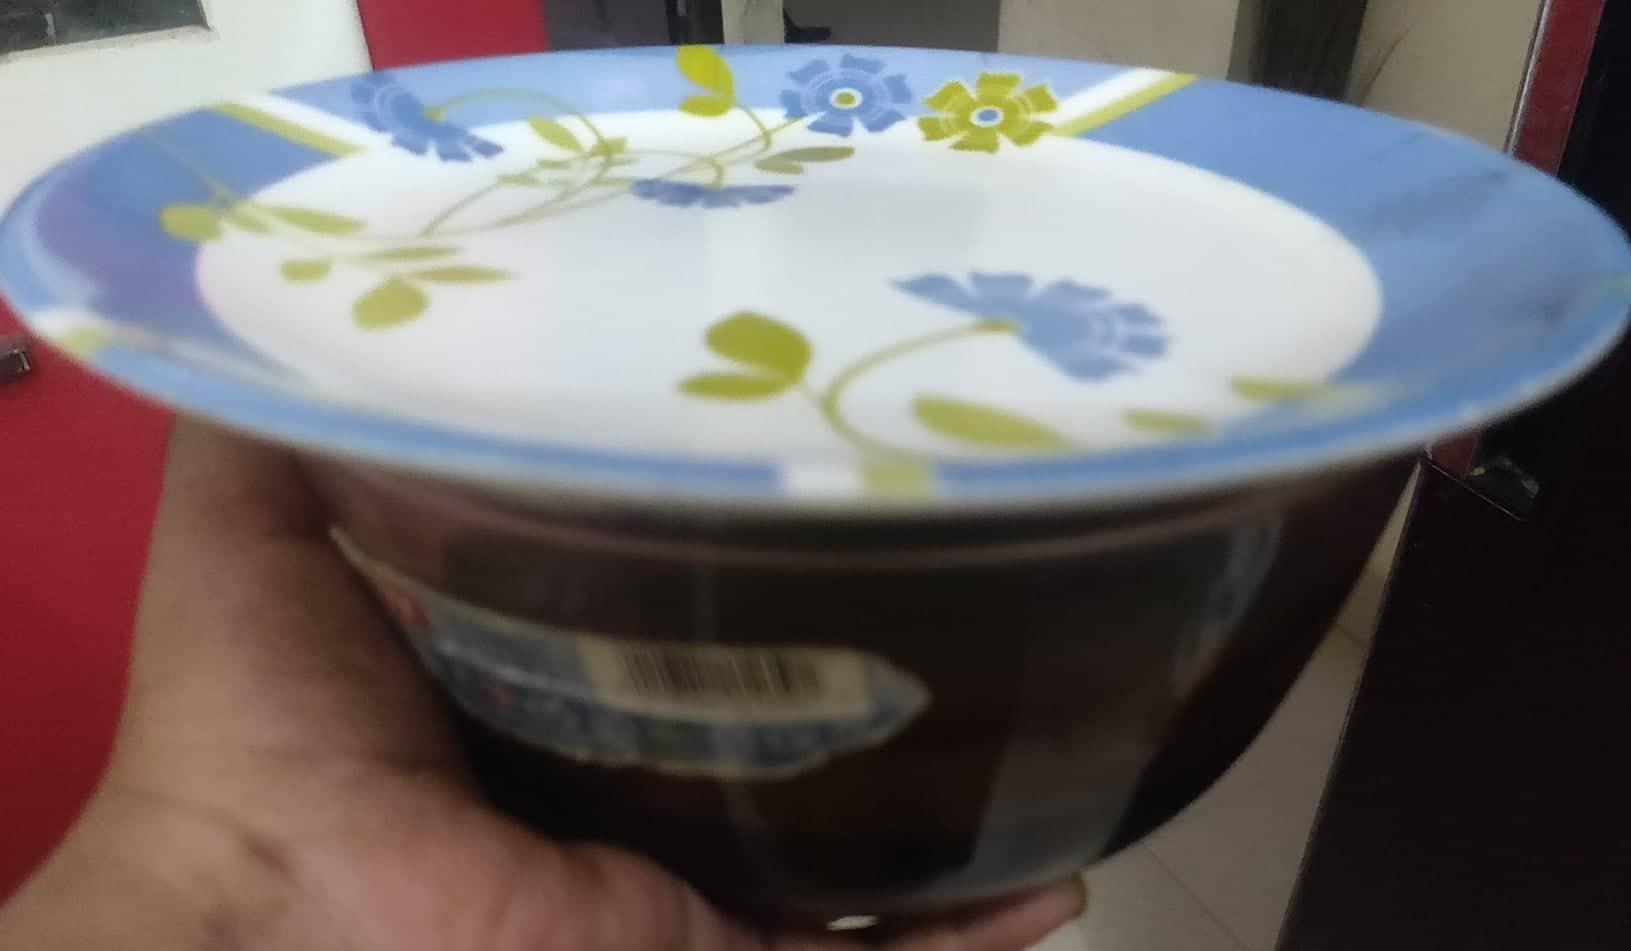 dark_chocolate_truffles - 120259767_341017737106711_8299828901684276969_n